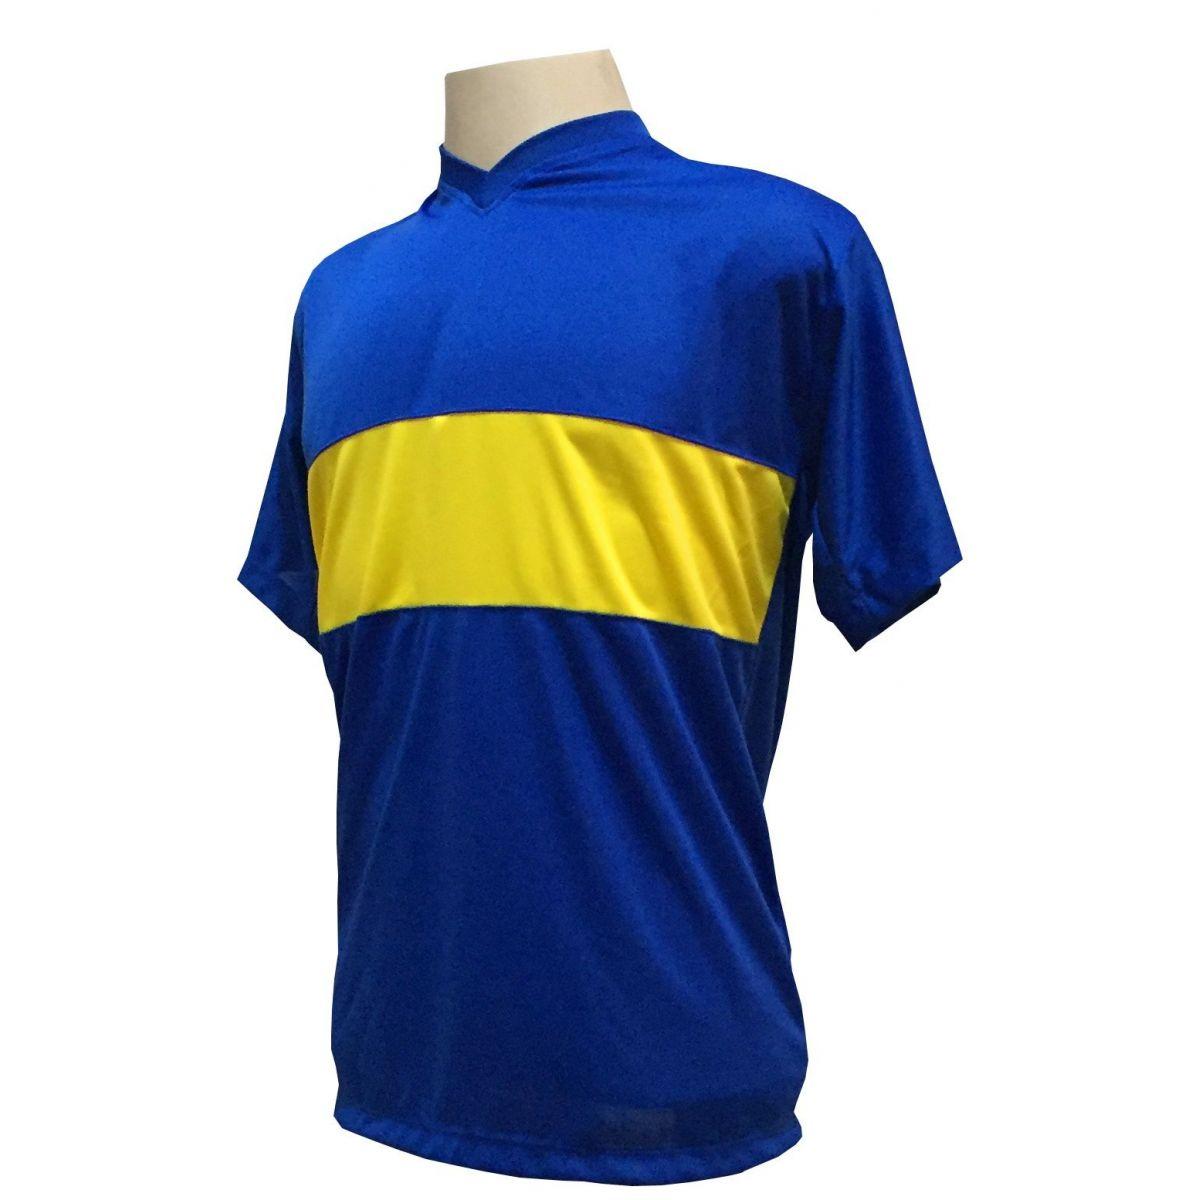 Uniforme Esportivo com 14 camisas modelo Boca Juniors Royal/Amarelo + 14 calções modelo Madrid + 1 Goleiro + Brindes